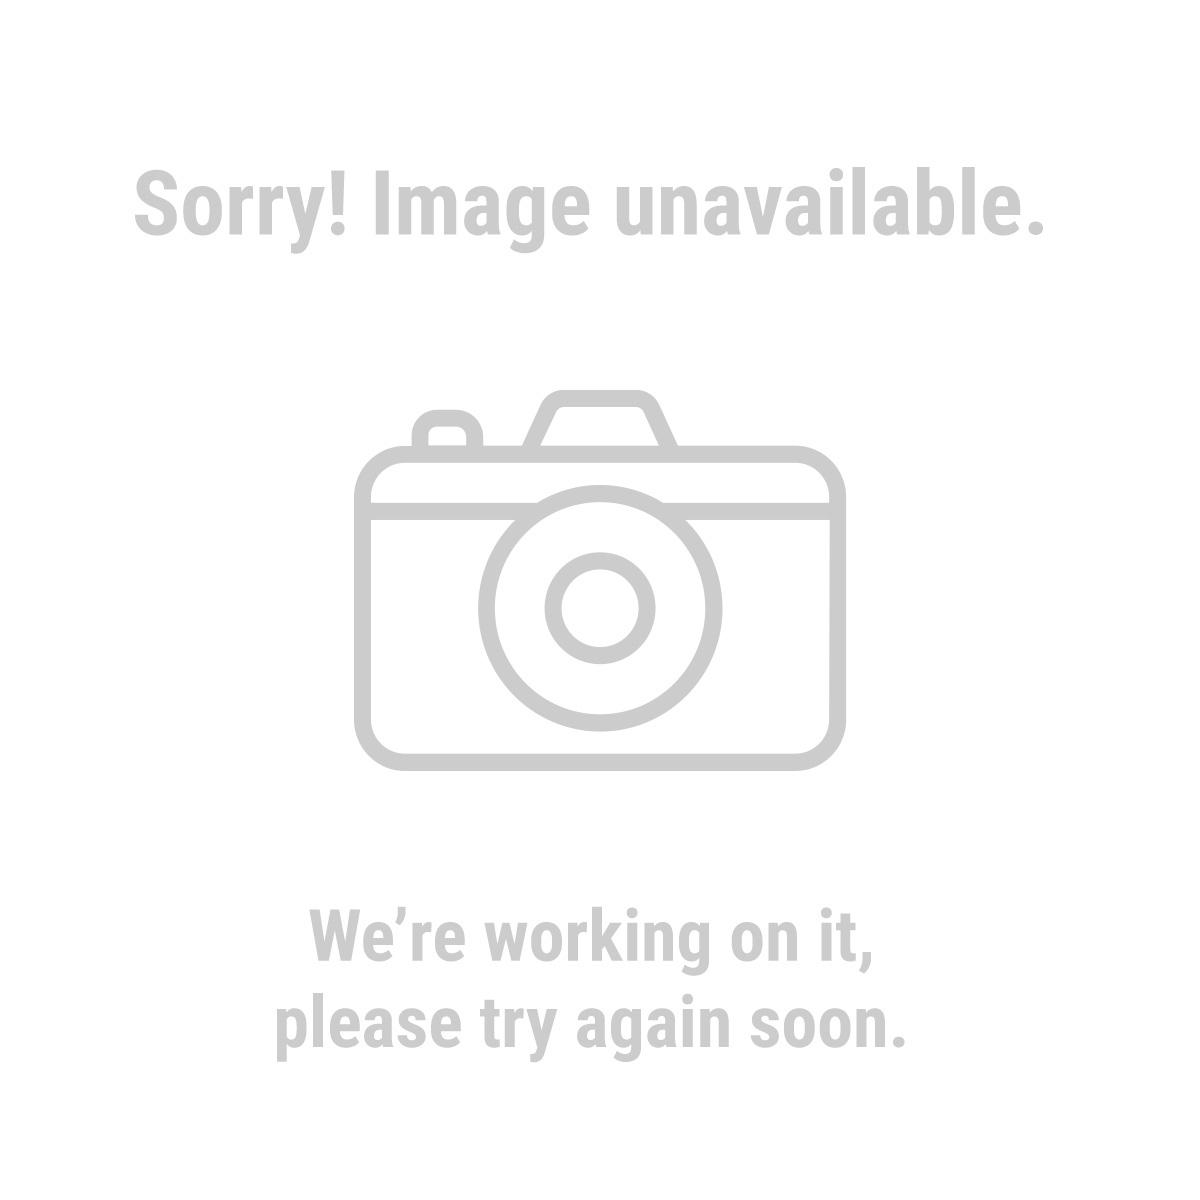 Pittsburgh Automotive 61745 12Volt 150 PSI Compact Air Compressor